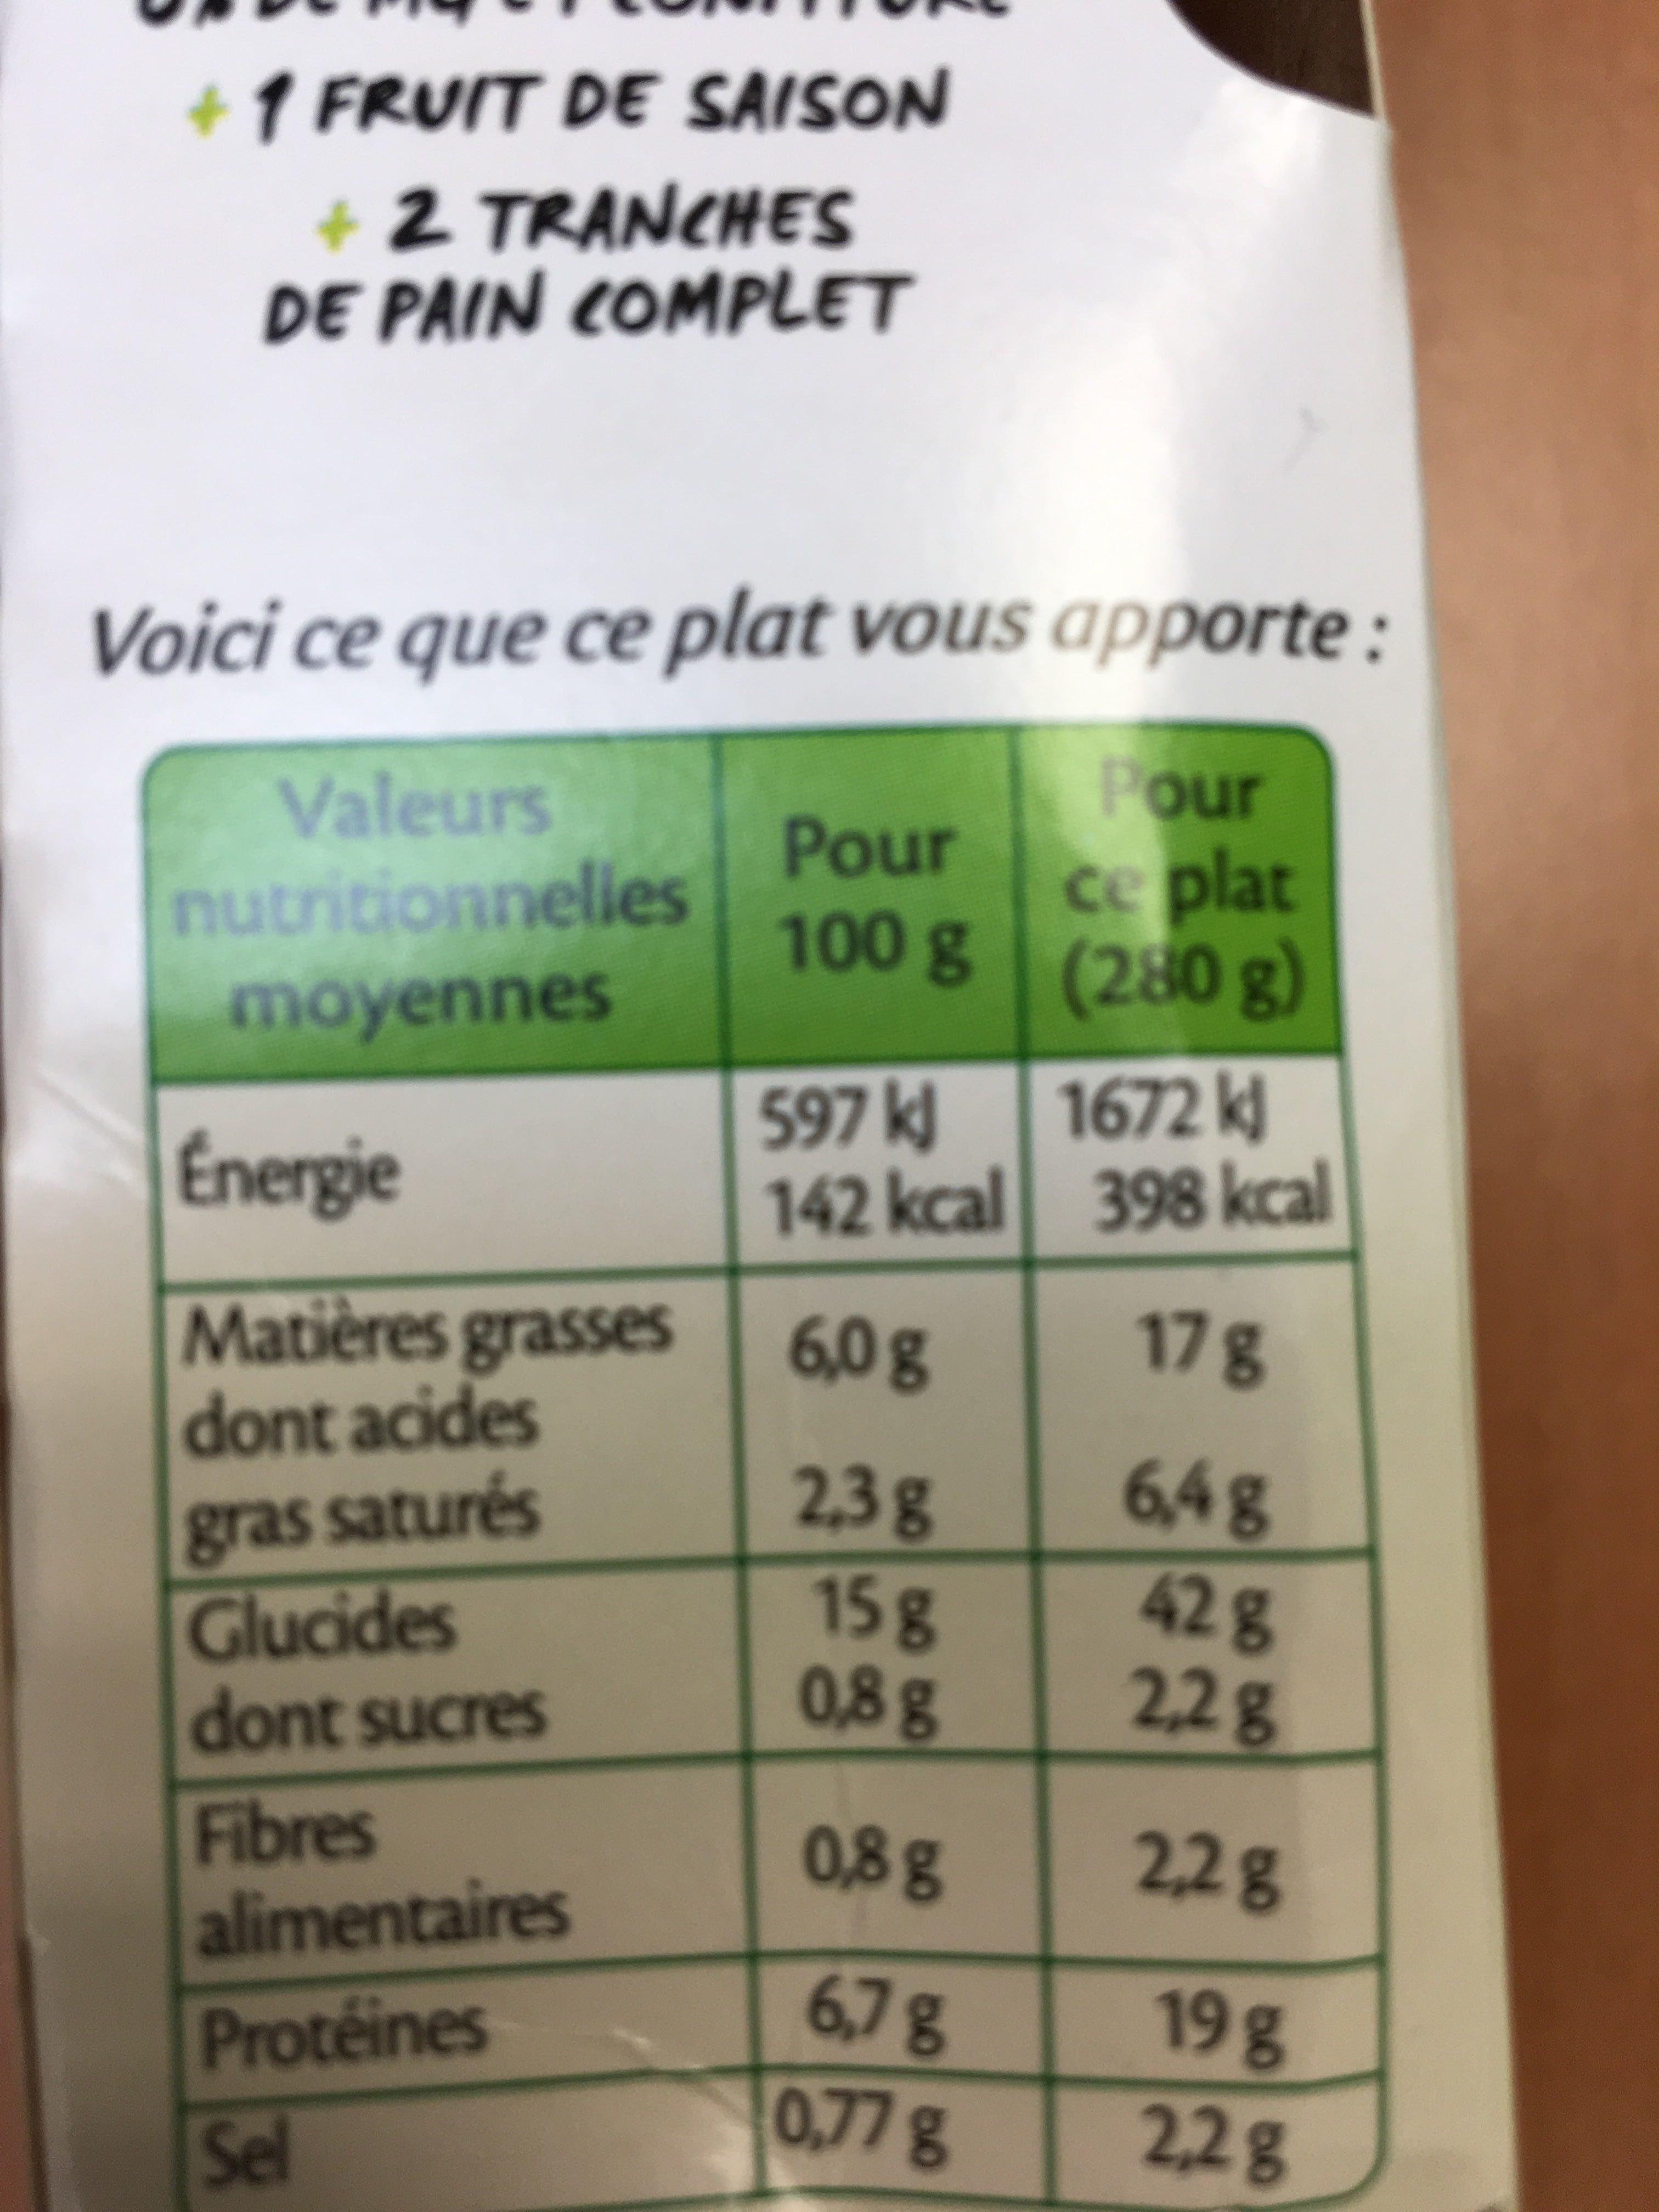 Blanquette de poulet & riz - Informations nutritionnelles - fr